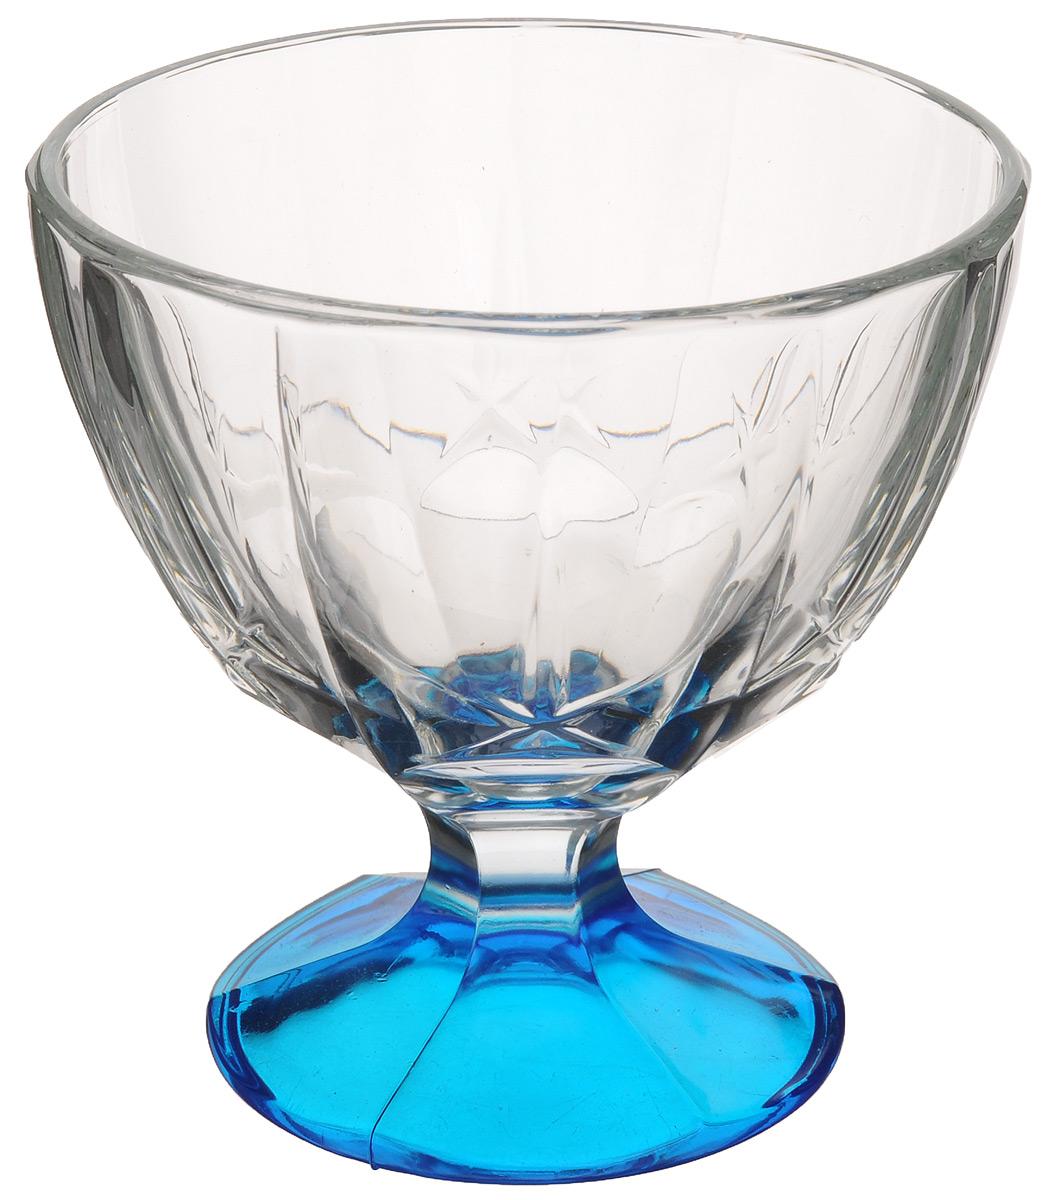 Креманка ОСЗ Звезда, цвет: синий, прозрачный, 230 мл03С1057 ЛМ_синийКреманка ОСЗ Звезда выполнена из высококачественного натрий-кальций-силикатного стекла. Изделие украшено изысканным узором в виде звезд. Ножка креманки окрашена, что подчеркивает ее изящность. Подходит для сервировки различных десертов: шариков мороженого, пудингов, желе и другого. Такая креманка красиво дополнит сервировку стола и поможет красиво преподнести сладкое блюдо. Высота: 10 см. Диаметр по верхнему краю: 10 см. Диаметр основания: 7 см. Объем: 230 мл.